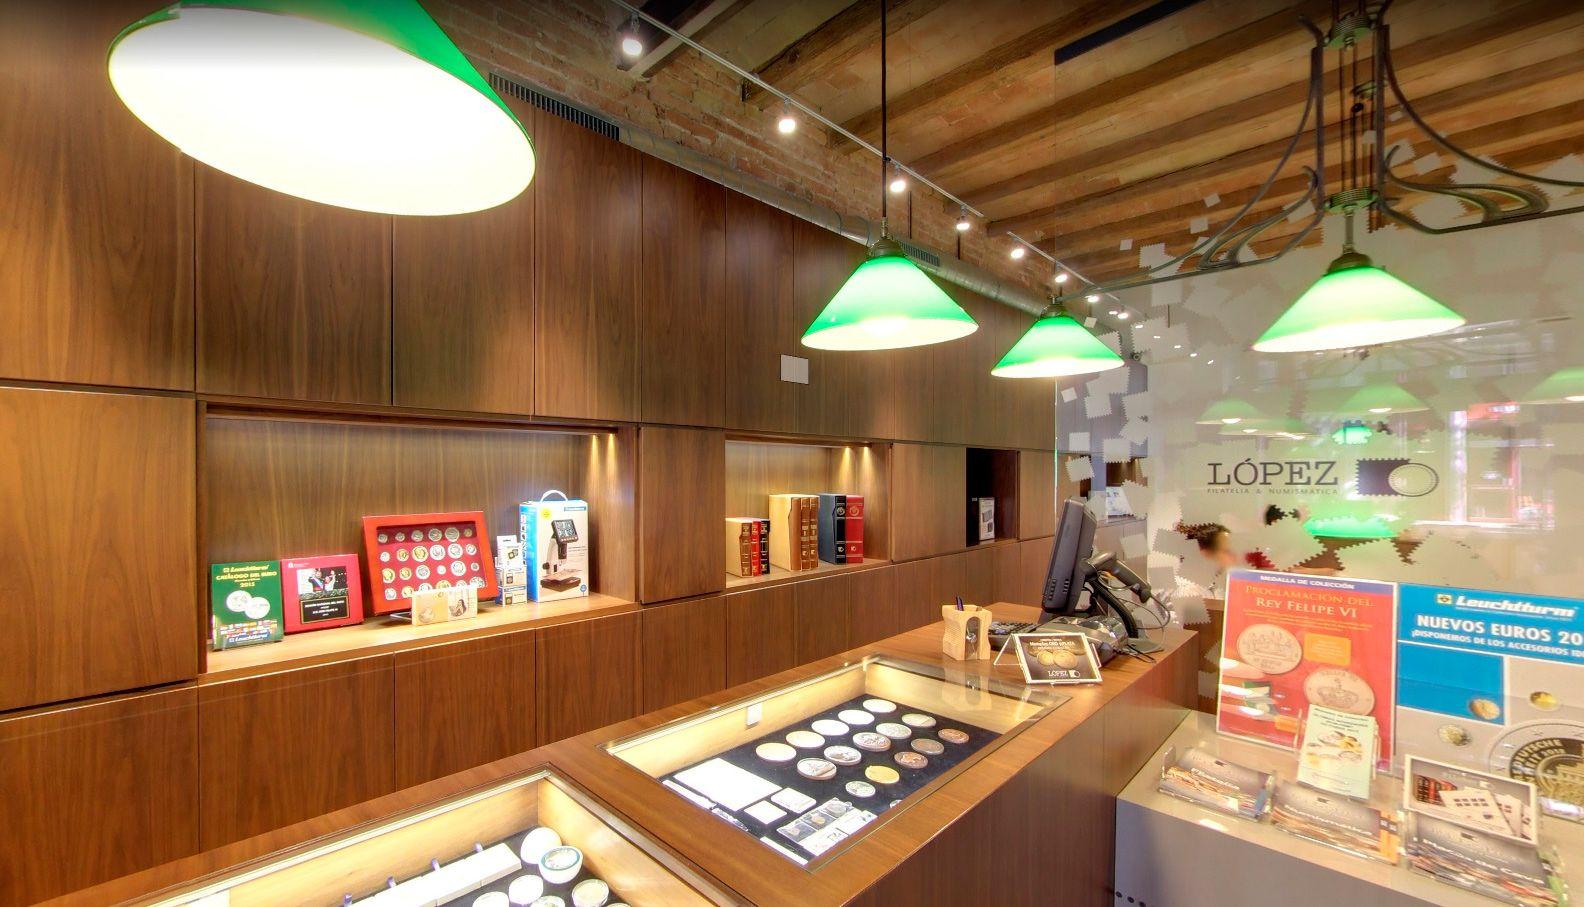 Foto de Tienda de numismatica y filatelia López